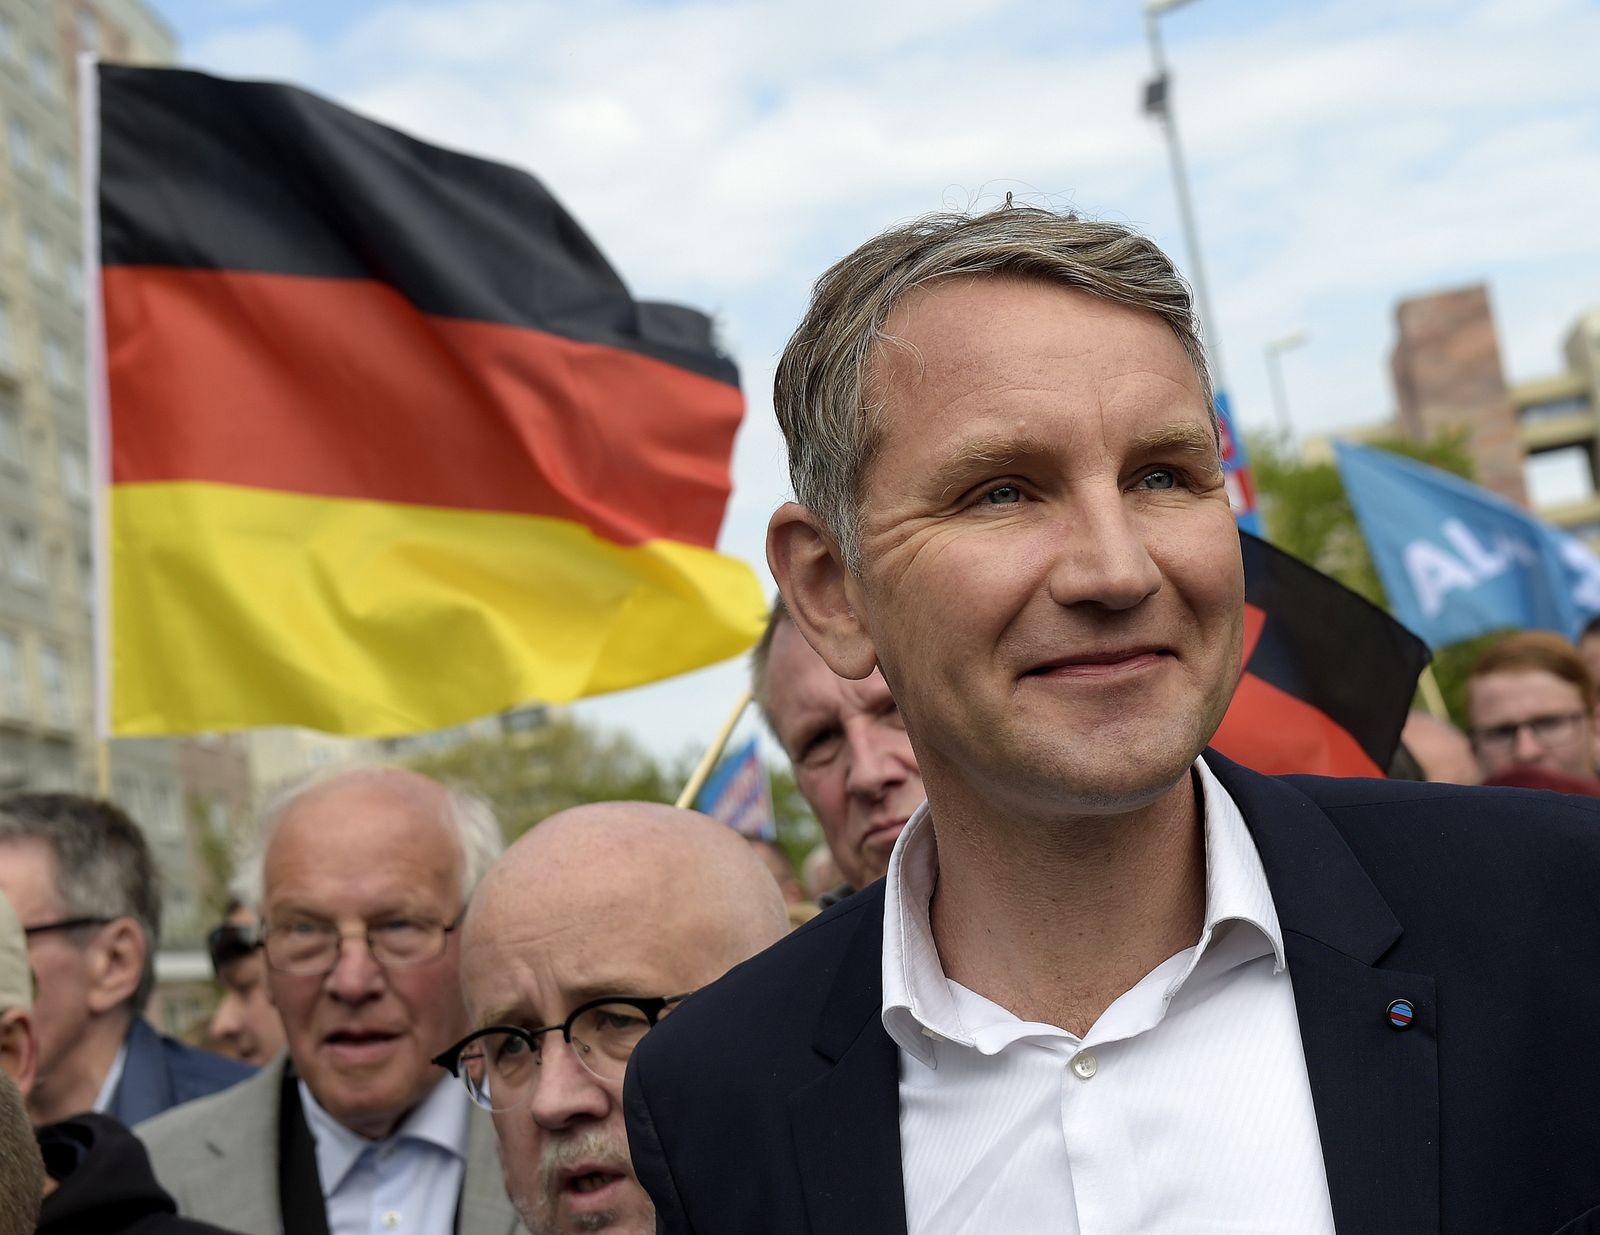 Björn / Bernd Höcke